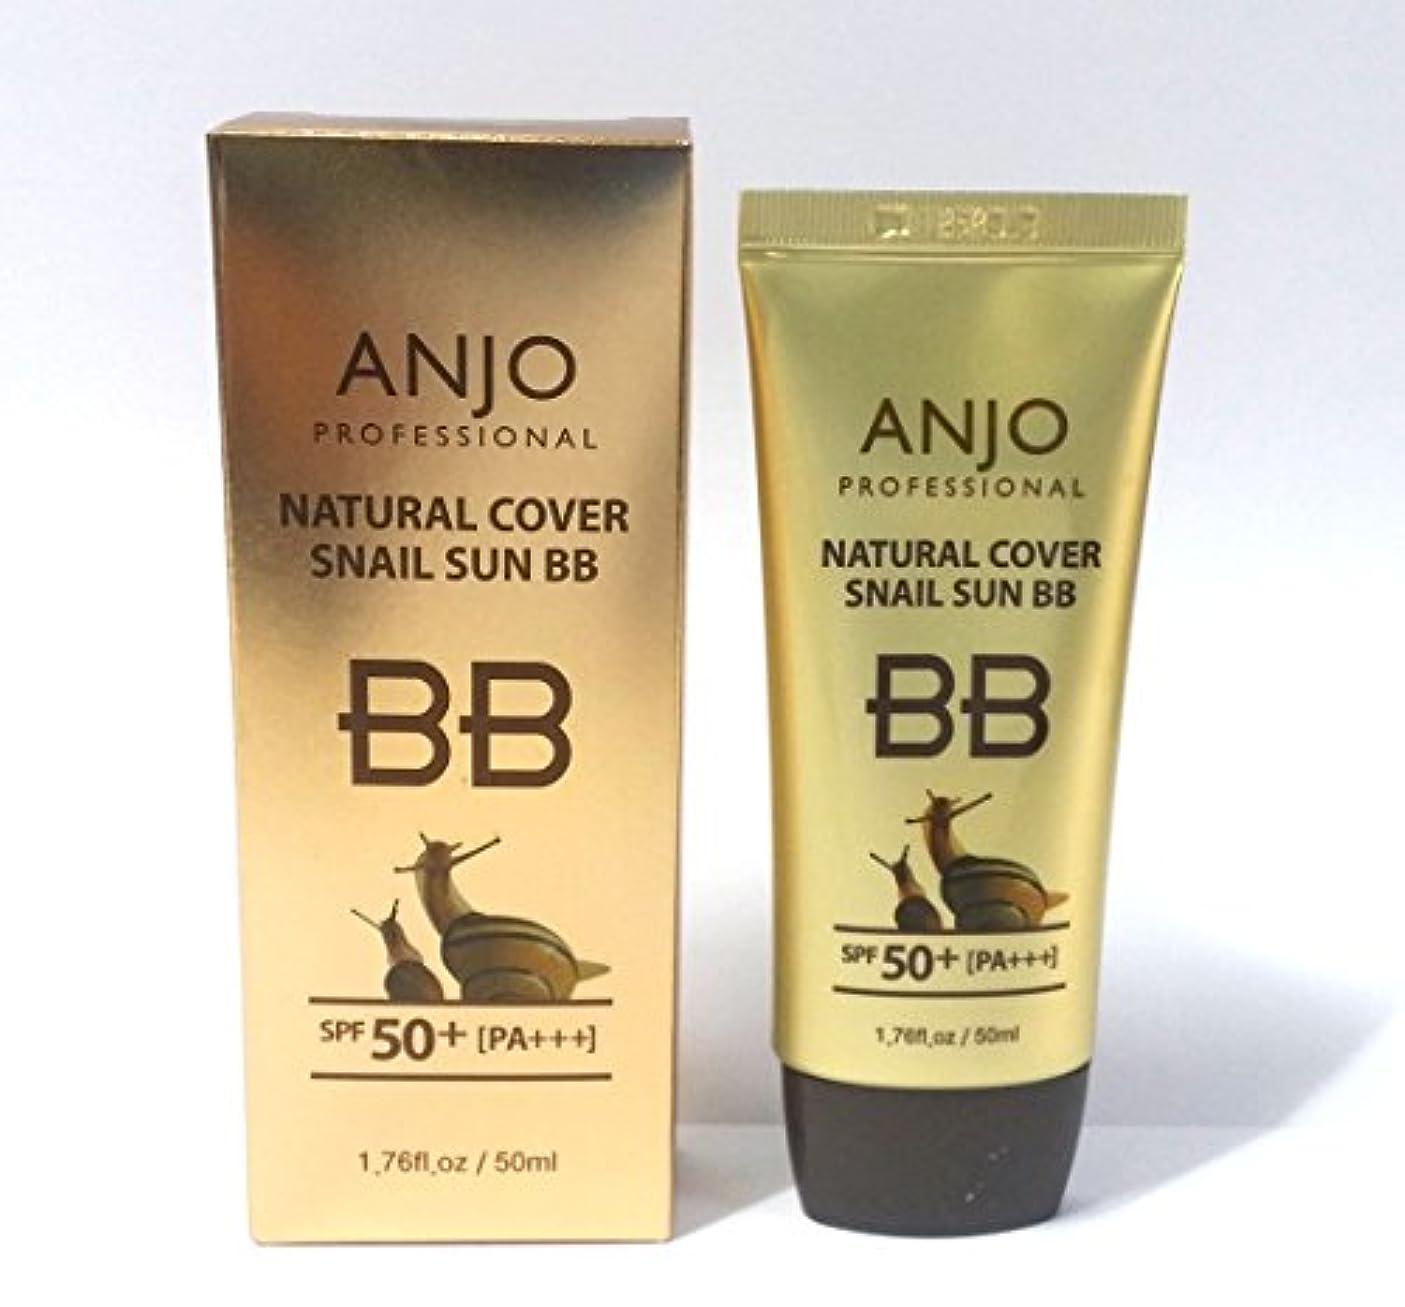 ルビーうがい富豪[ANJO] ナチュラルカバーカタツムリサンBBクリームSPF 50 + PA +++ 50ml X 1EA /メイクアップベース/カタツムリ粘液 / Natural Cover Snail Sun BB Cream SPF...